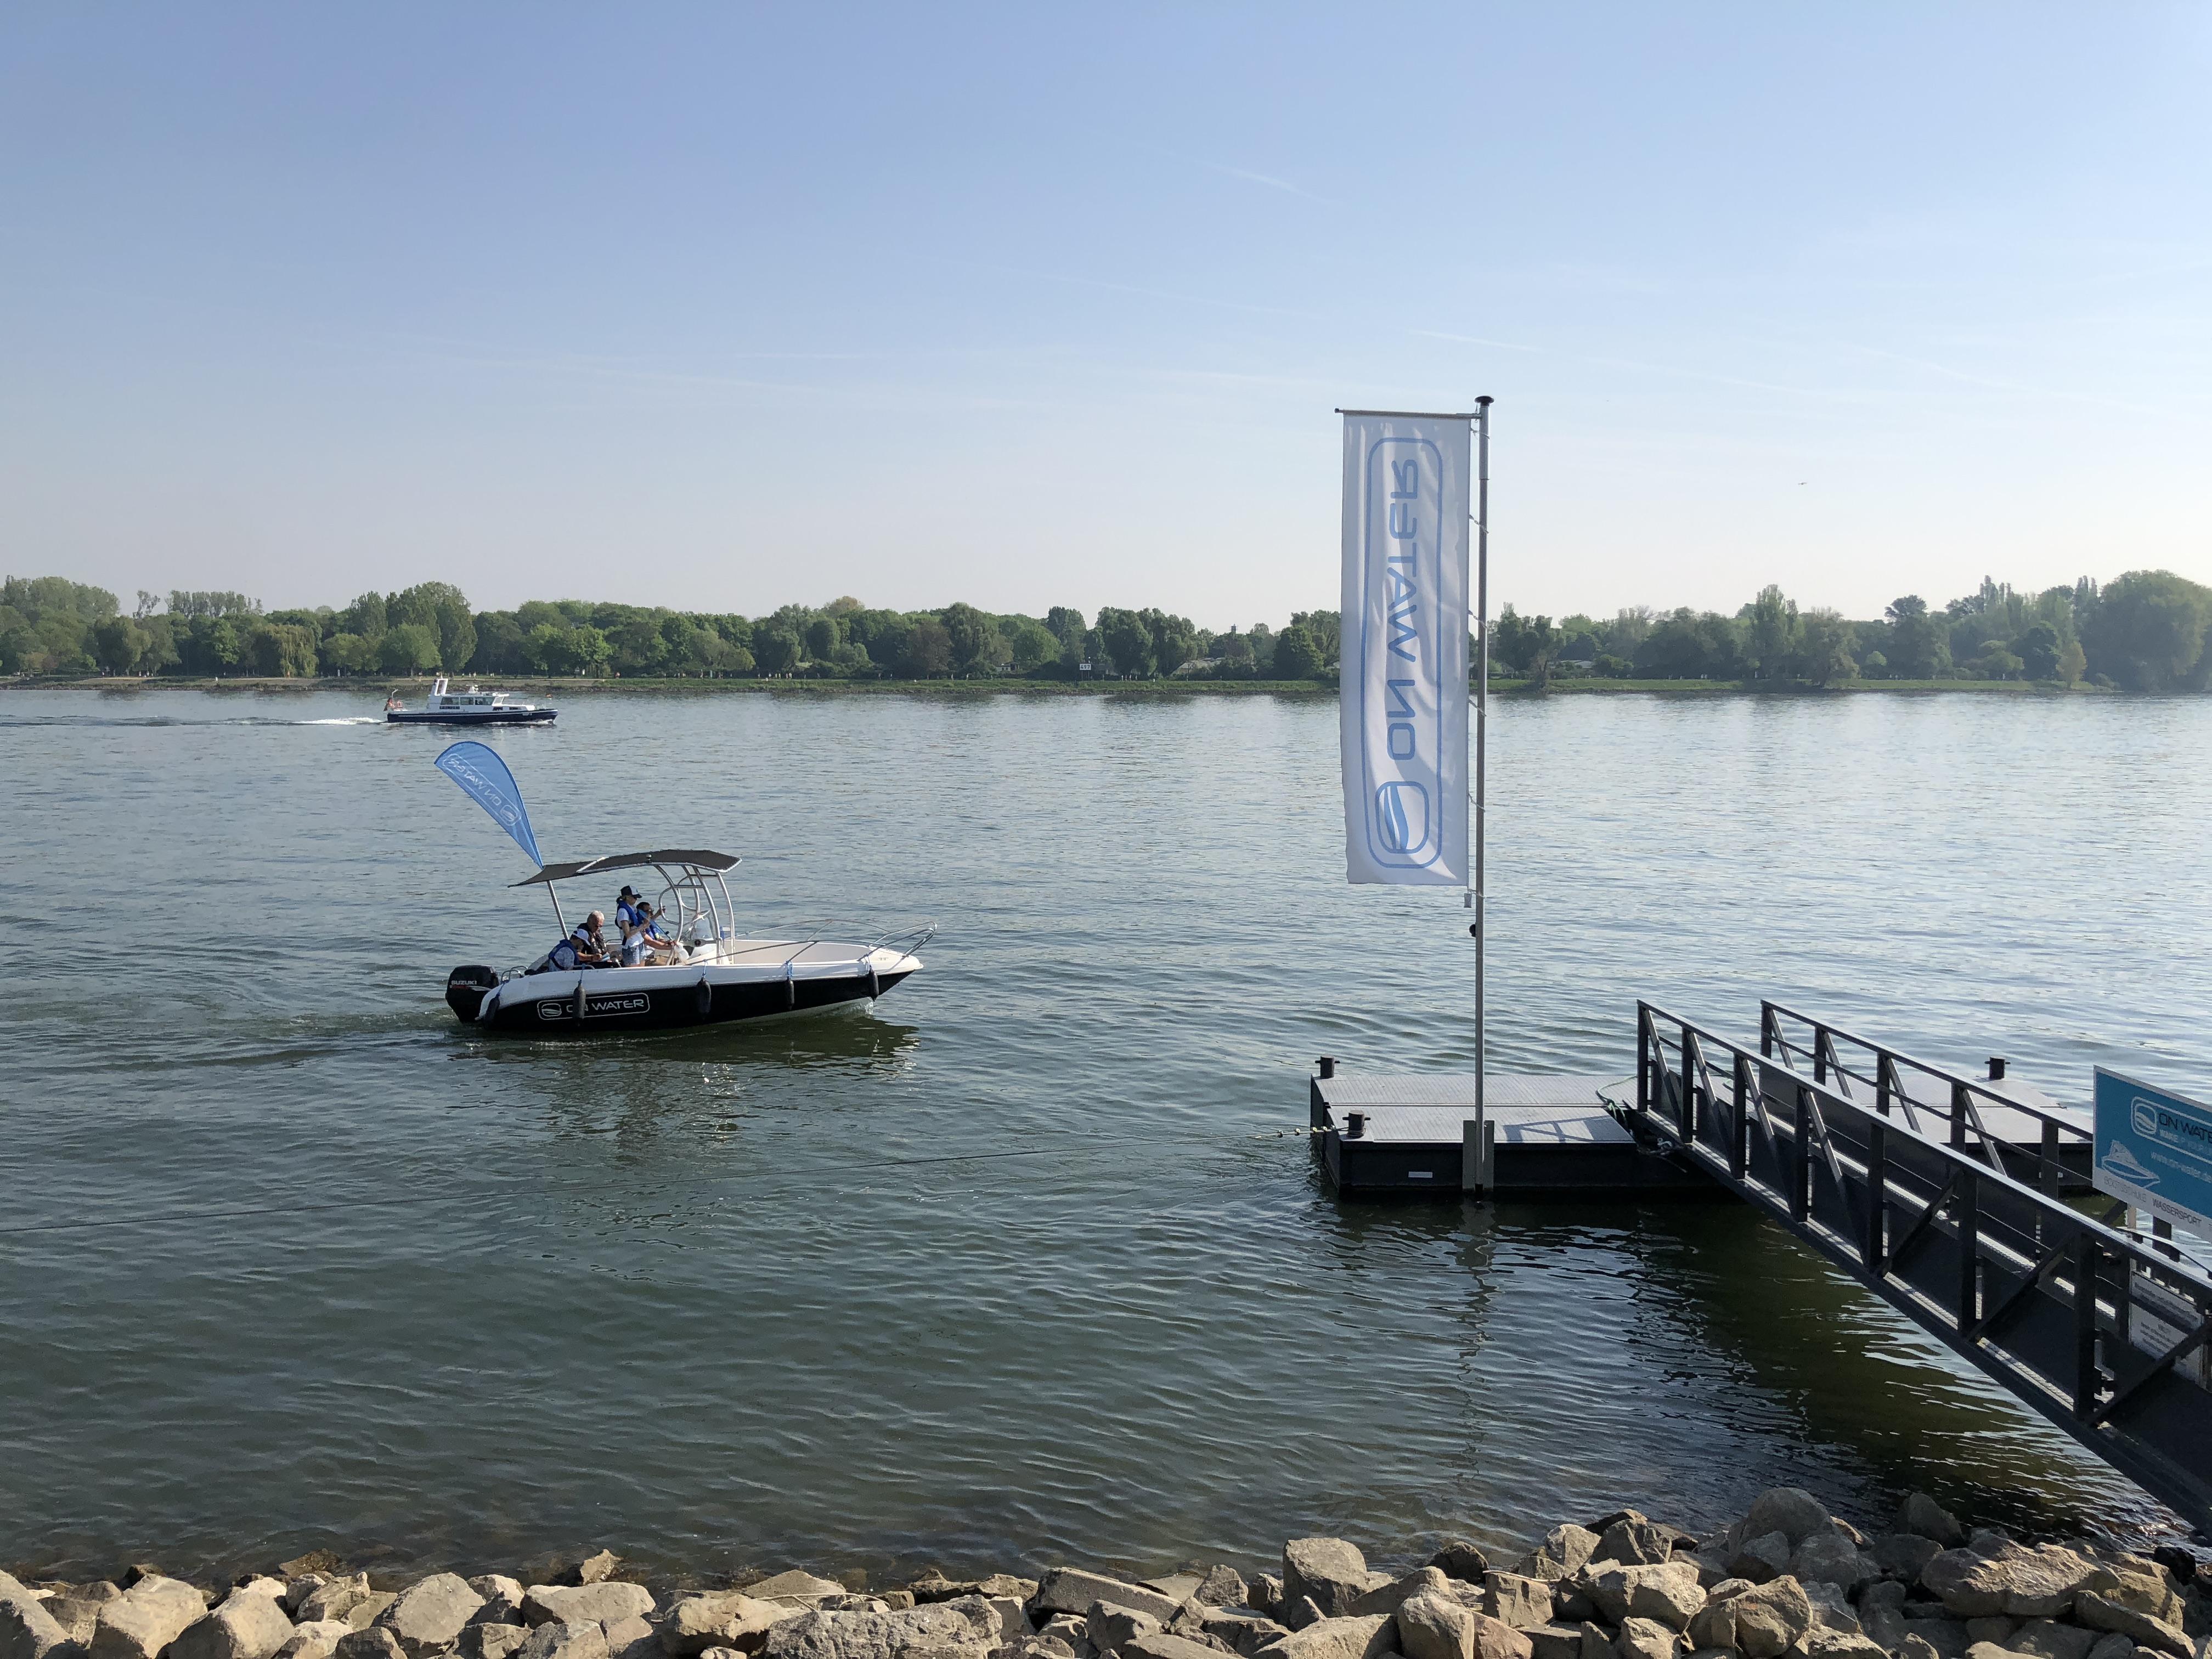 Fahrschulboot 22-5-18-5351